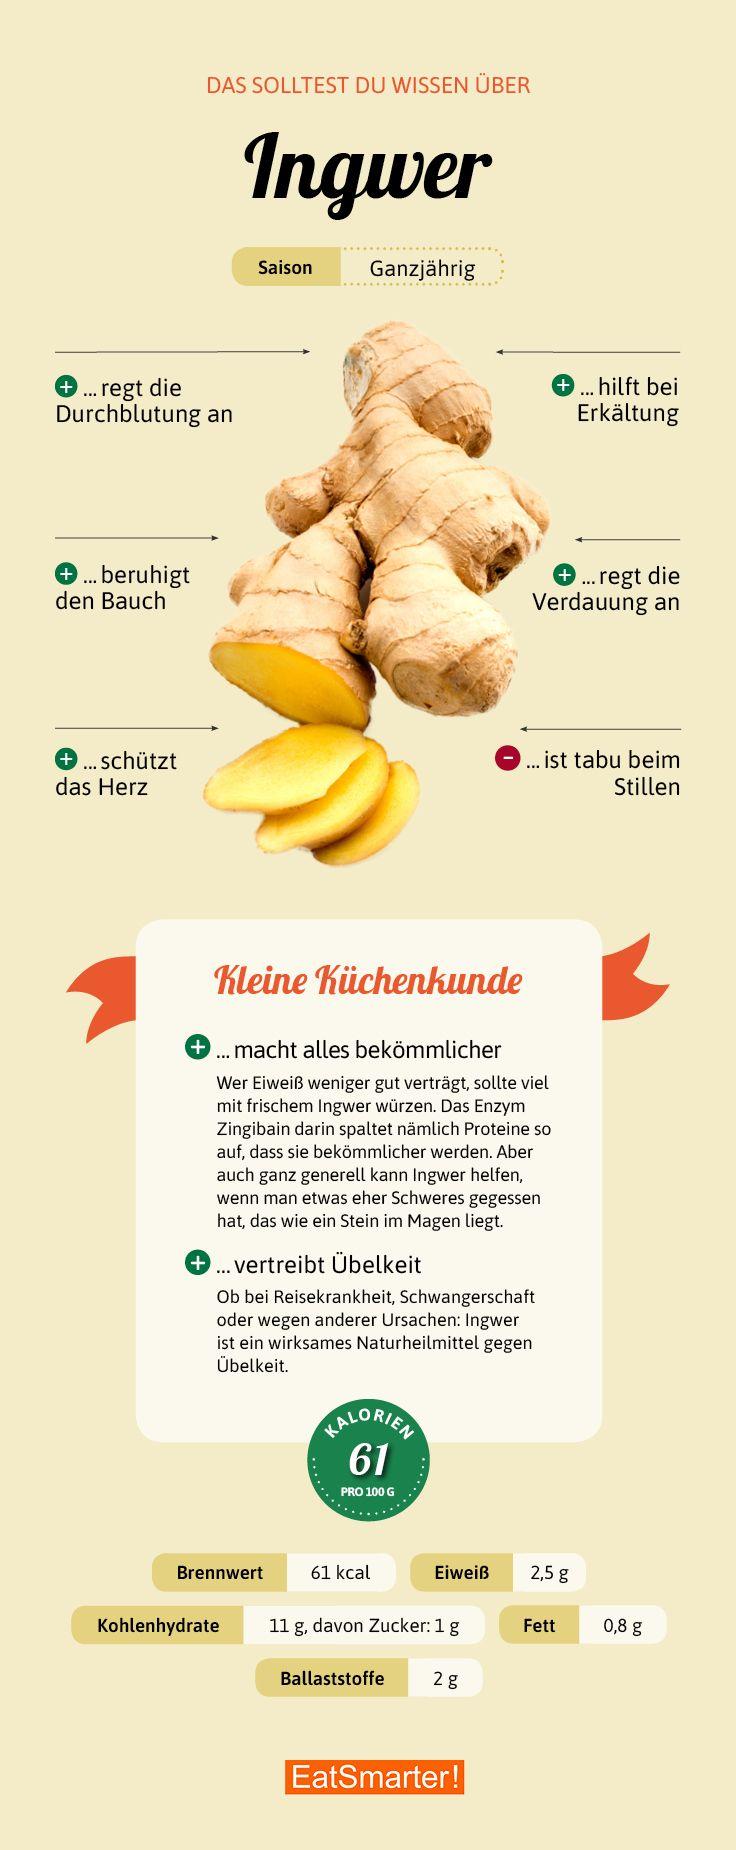 Alles, was du über Ingwer wissen solltest | eatsmarter.de #ingwer #ernährung #infografik #workoutfood